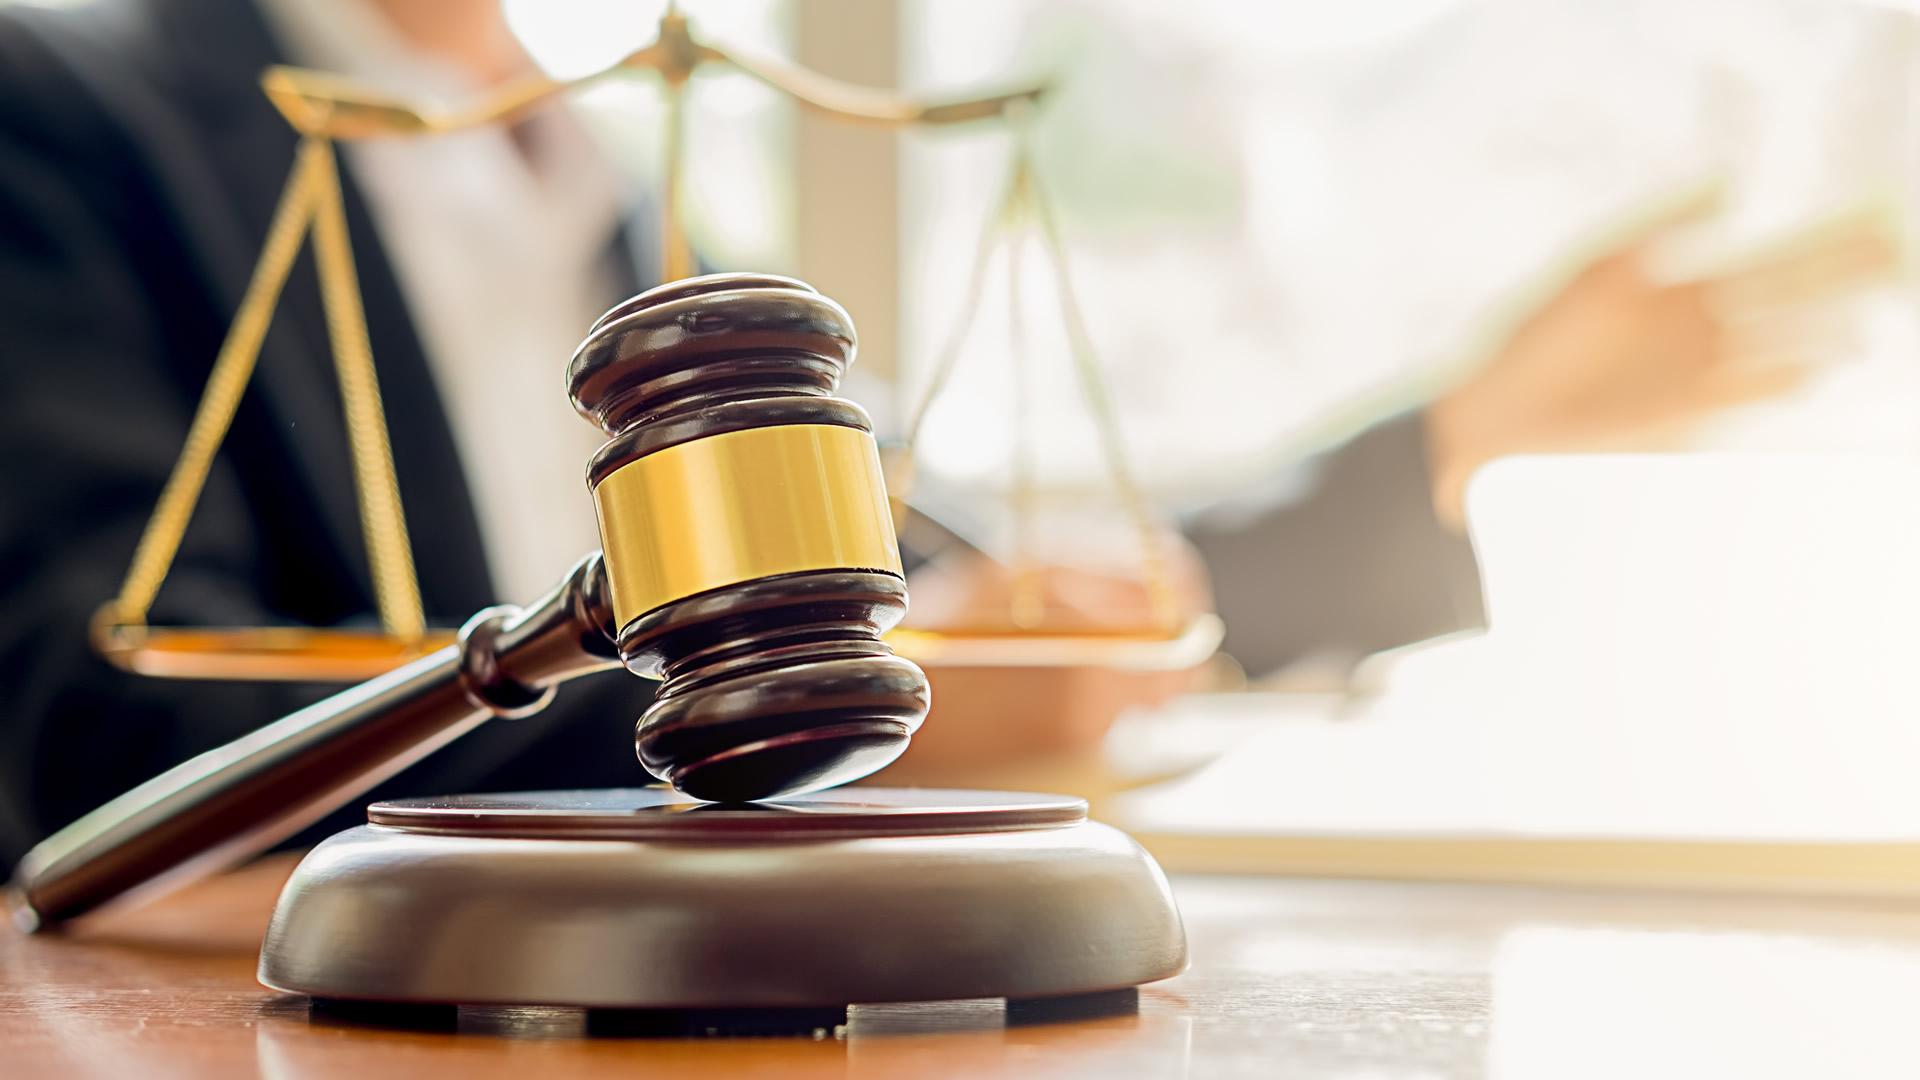 Premier benefit legal-advice